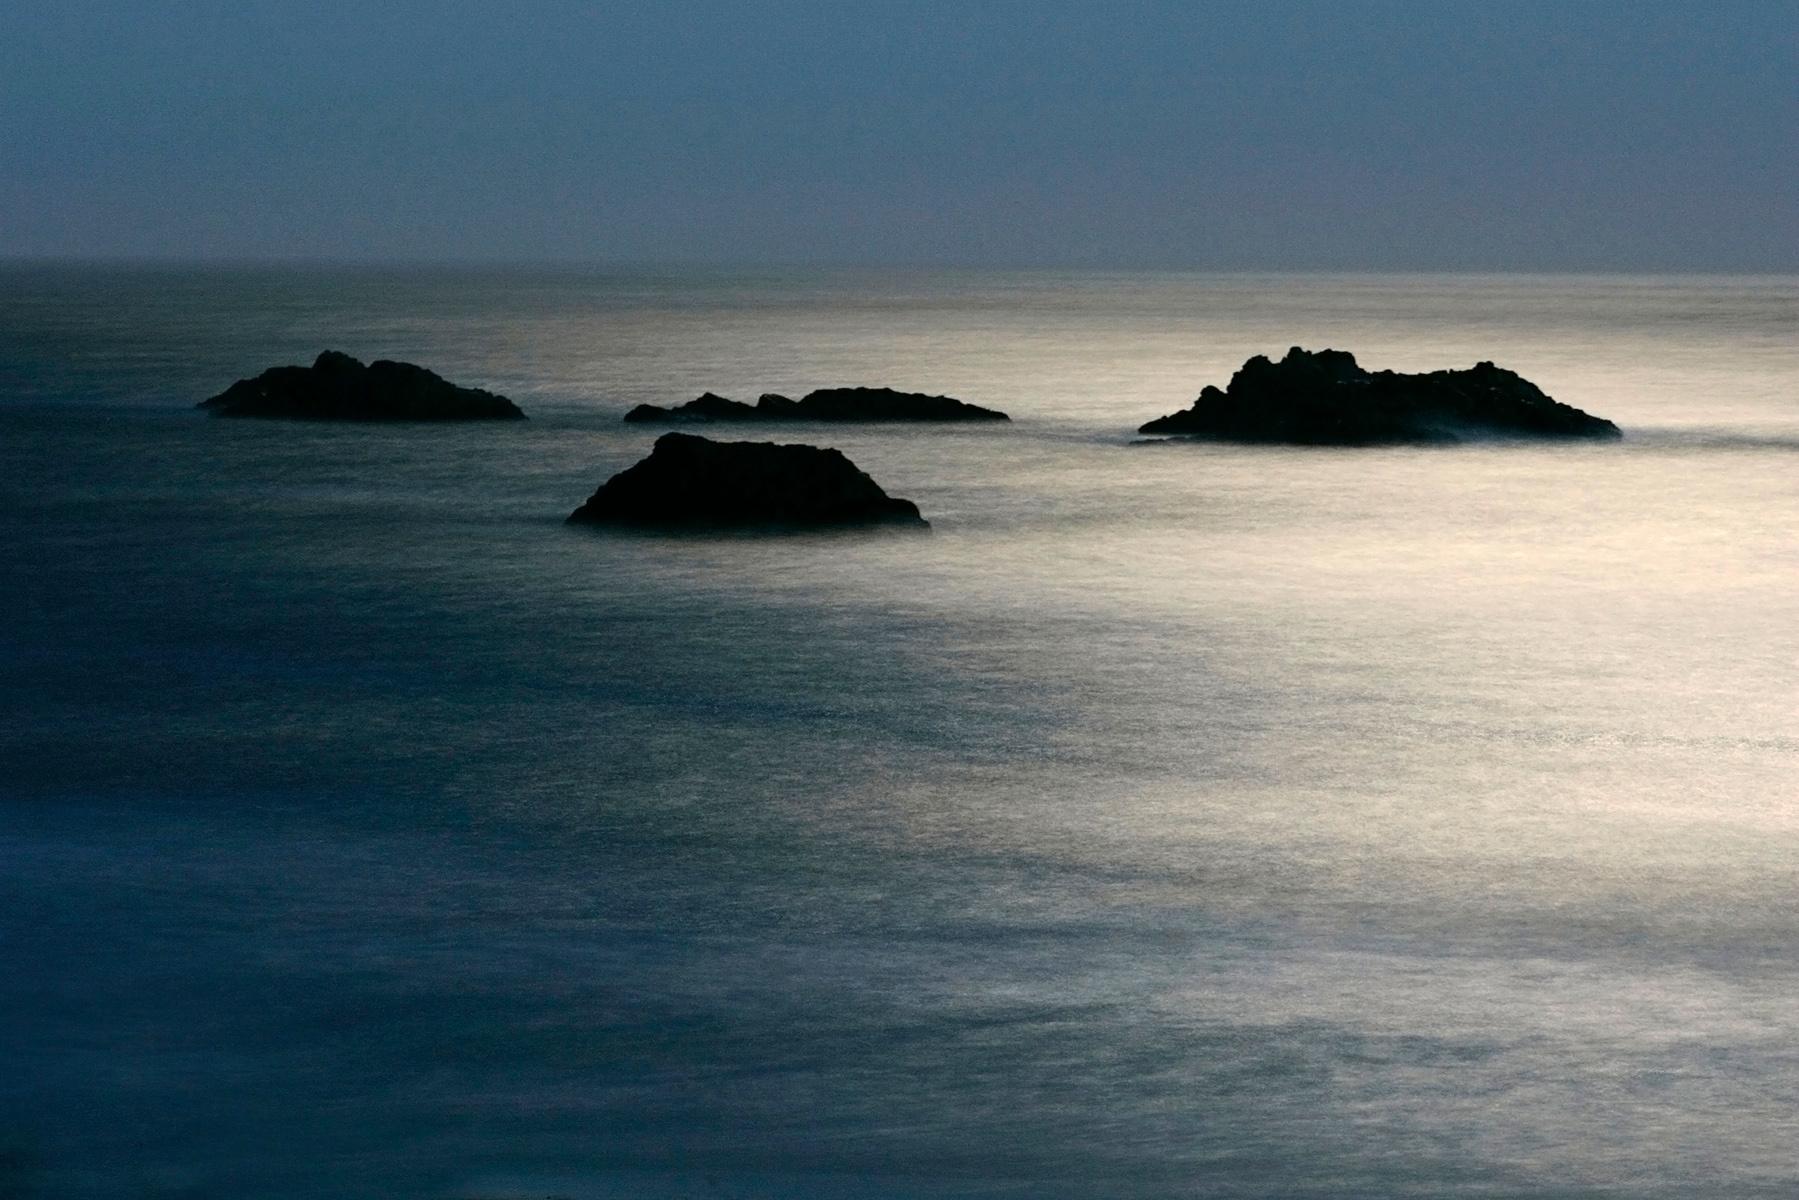 Moonlit Sea, Oregon